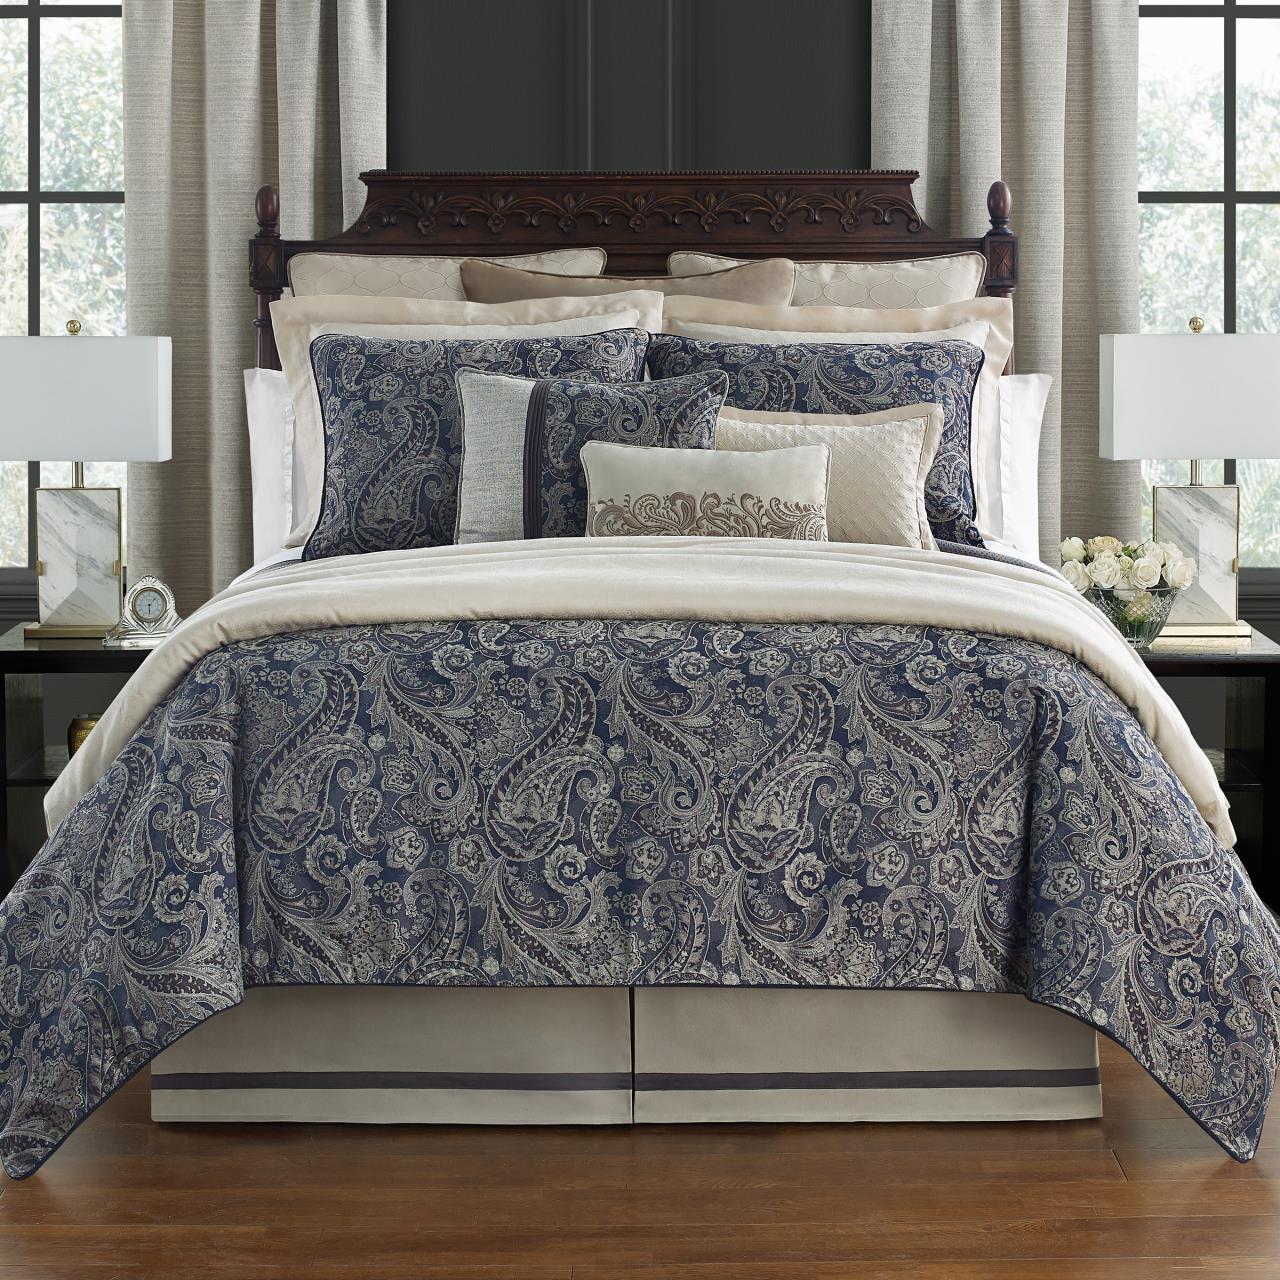 Danehill Blue Bedding Collection -